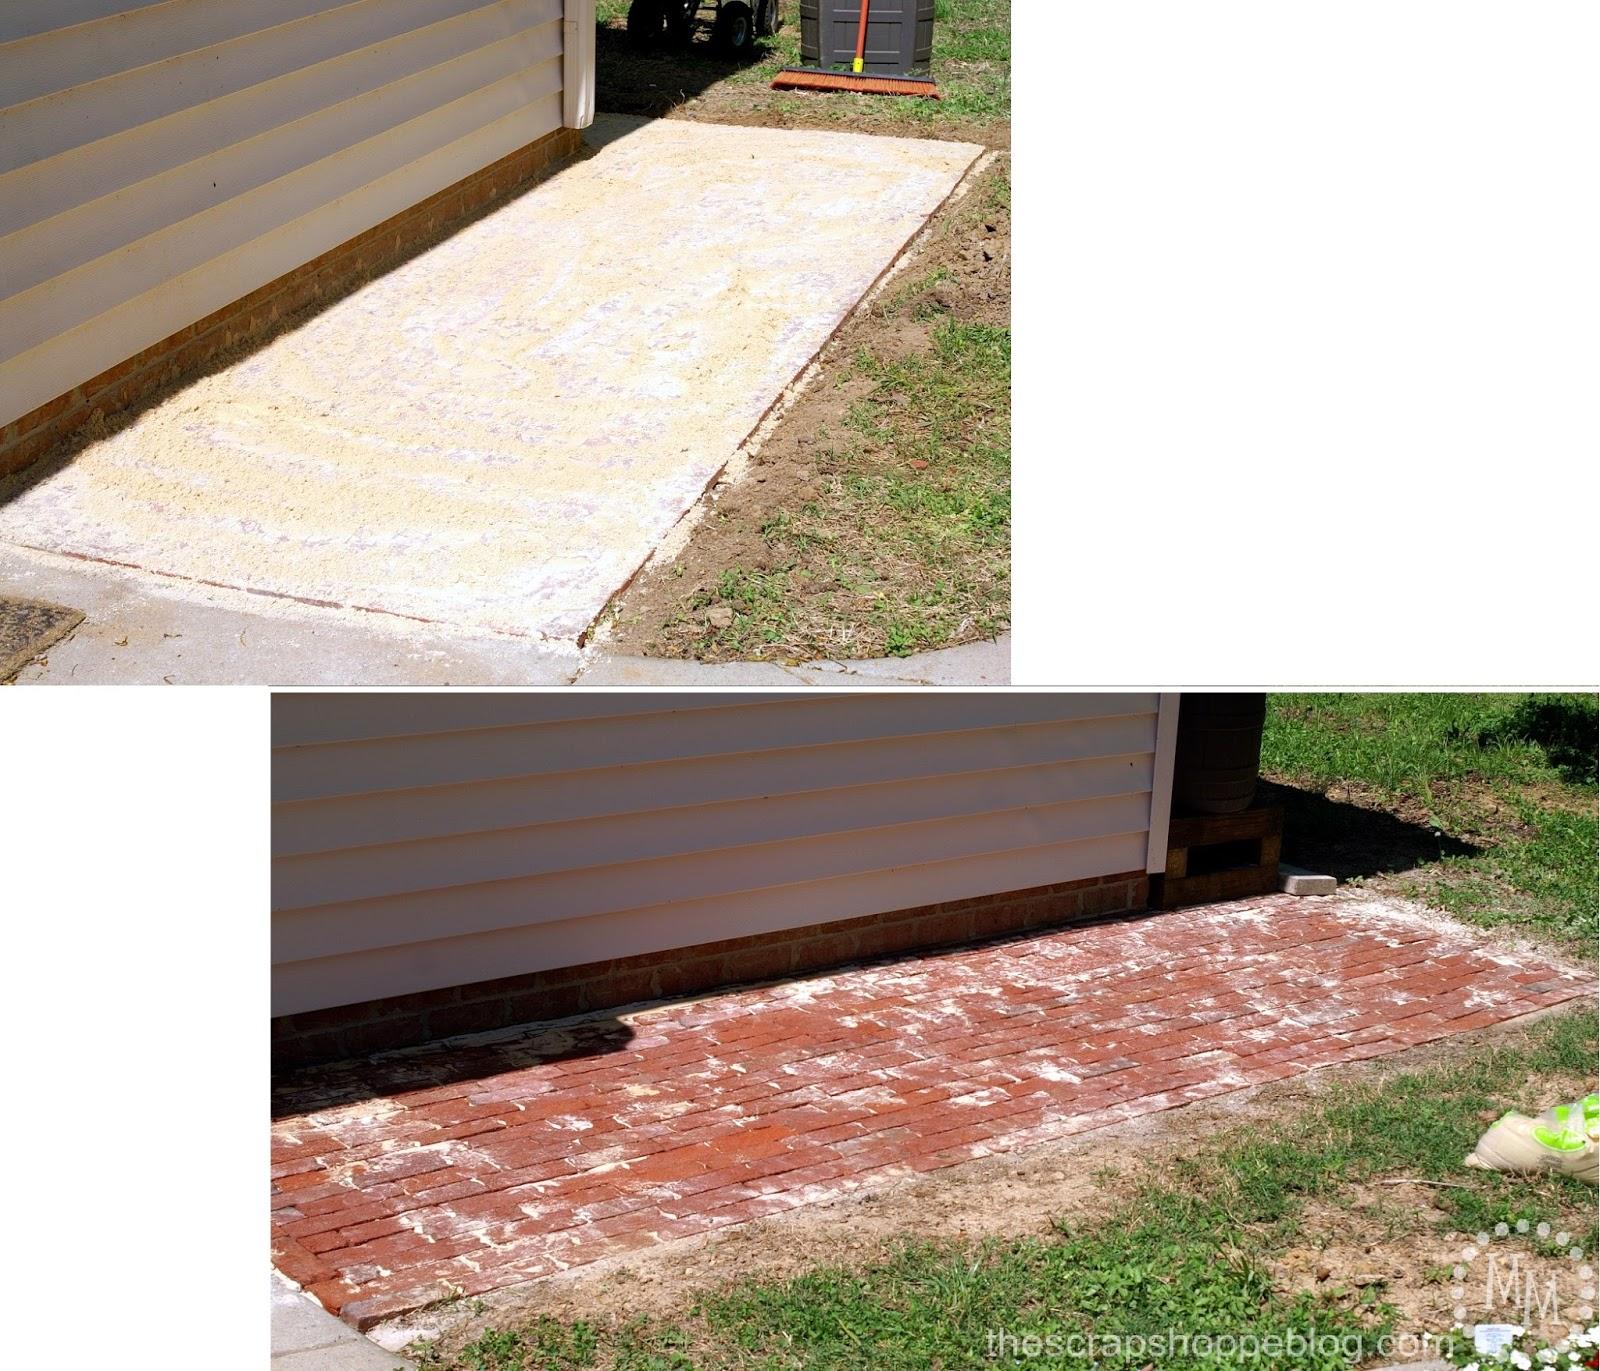 how to build a brick patio - adding sand to patio bricks